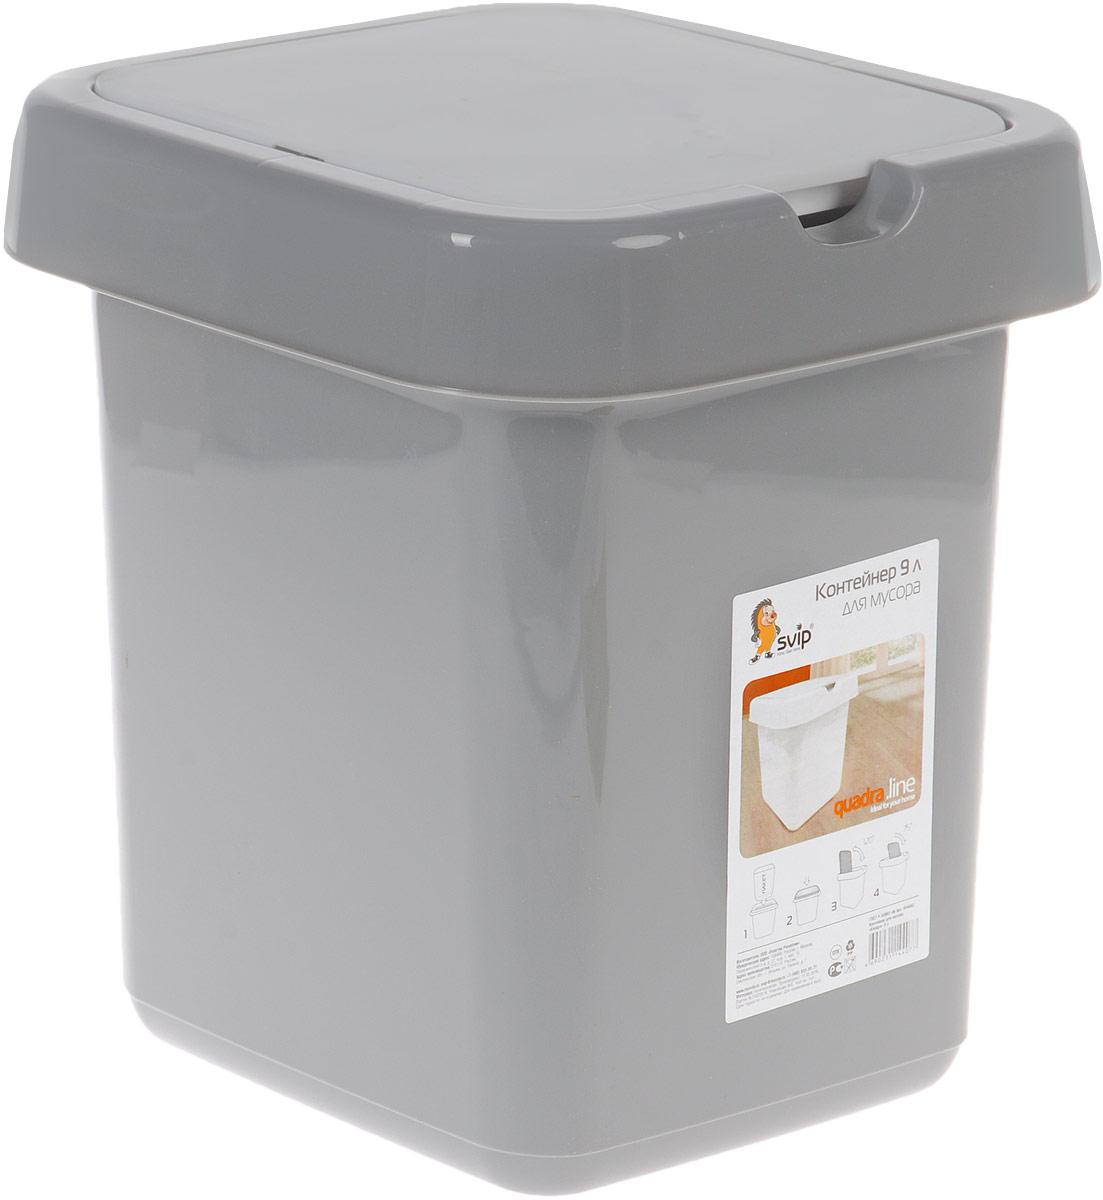 Контейнер для мусора Svip Квадра, цвет: серый, белый, 9 лSV4042СБКонтейнер для мусора поможет поддержать порядок и чистоту на кухне, в туалетной комнате, за рабочим столом. Изделие оснащено крышкой с двойным механизмом открывания, что обеспечивает максимально удобное использование: откидной крышкой можно воспользоваться при забрасывании большого мусора, крышкой-маятником – для мусора меньшего объема. Скрытые борта в корпусе ведра для аккуратного использования одноразовых пакетов и сохранения эстетики изделия. Для удобства извлечения накопившегося в ведре мусора его верхняя часть сделана съёмной. Высокое качество используемого материала гарантирует долгий срок эксплуатации.